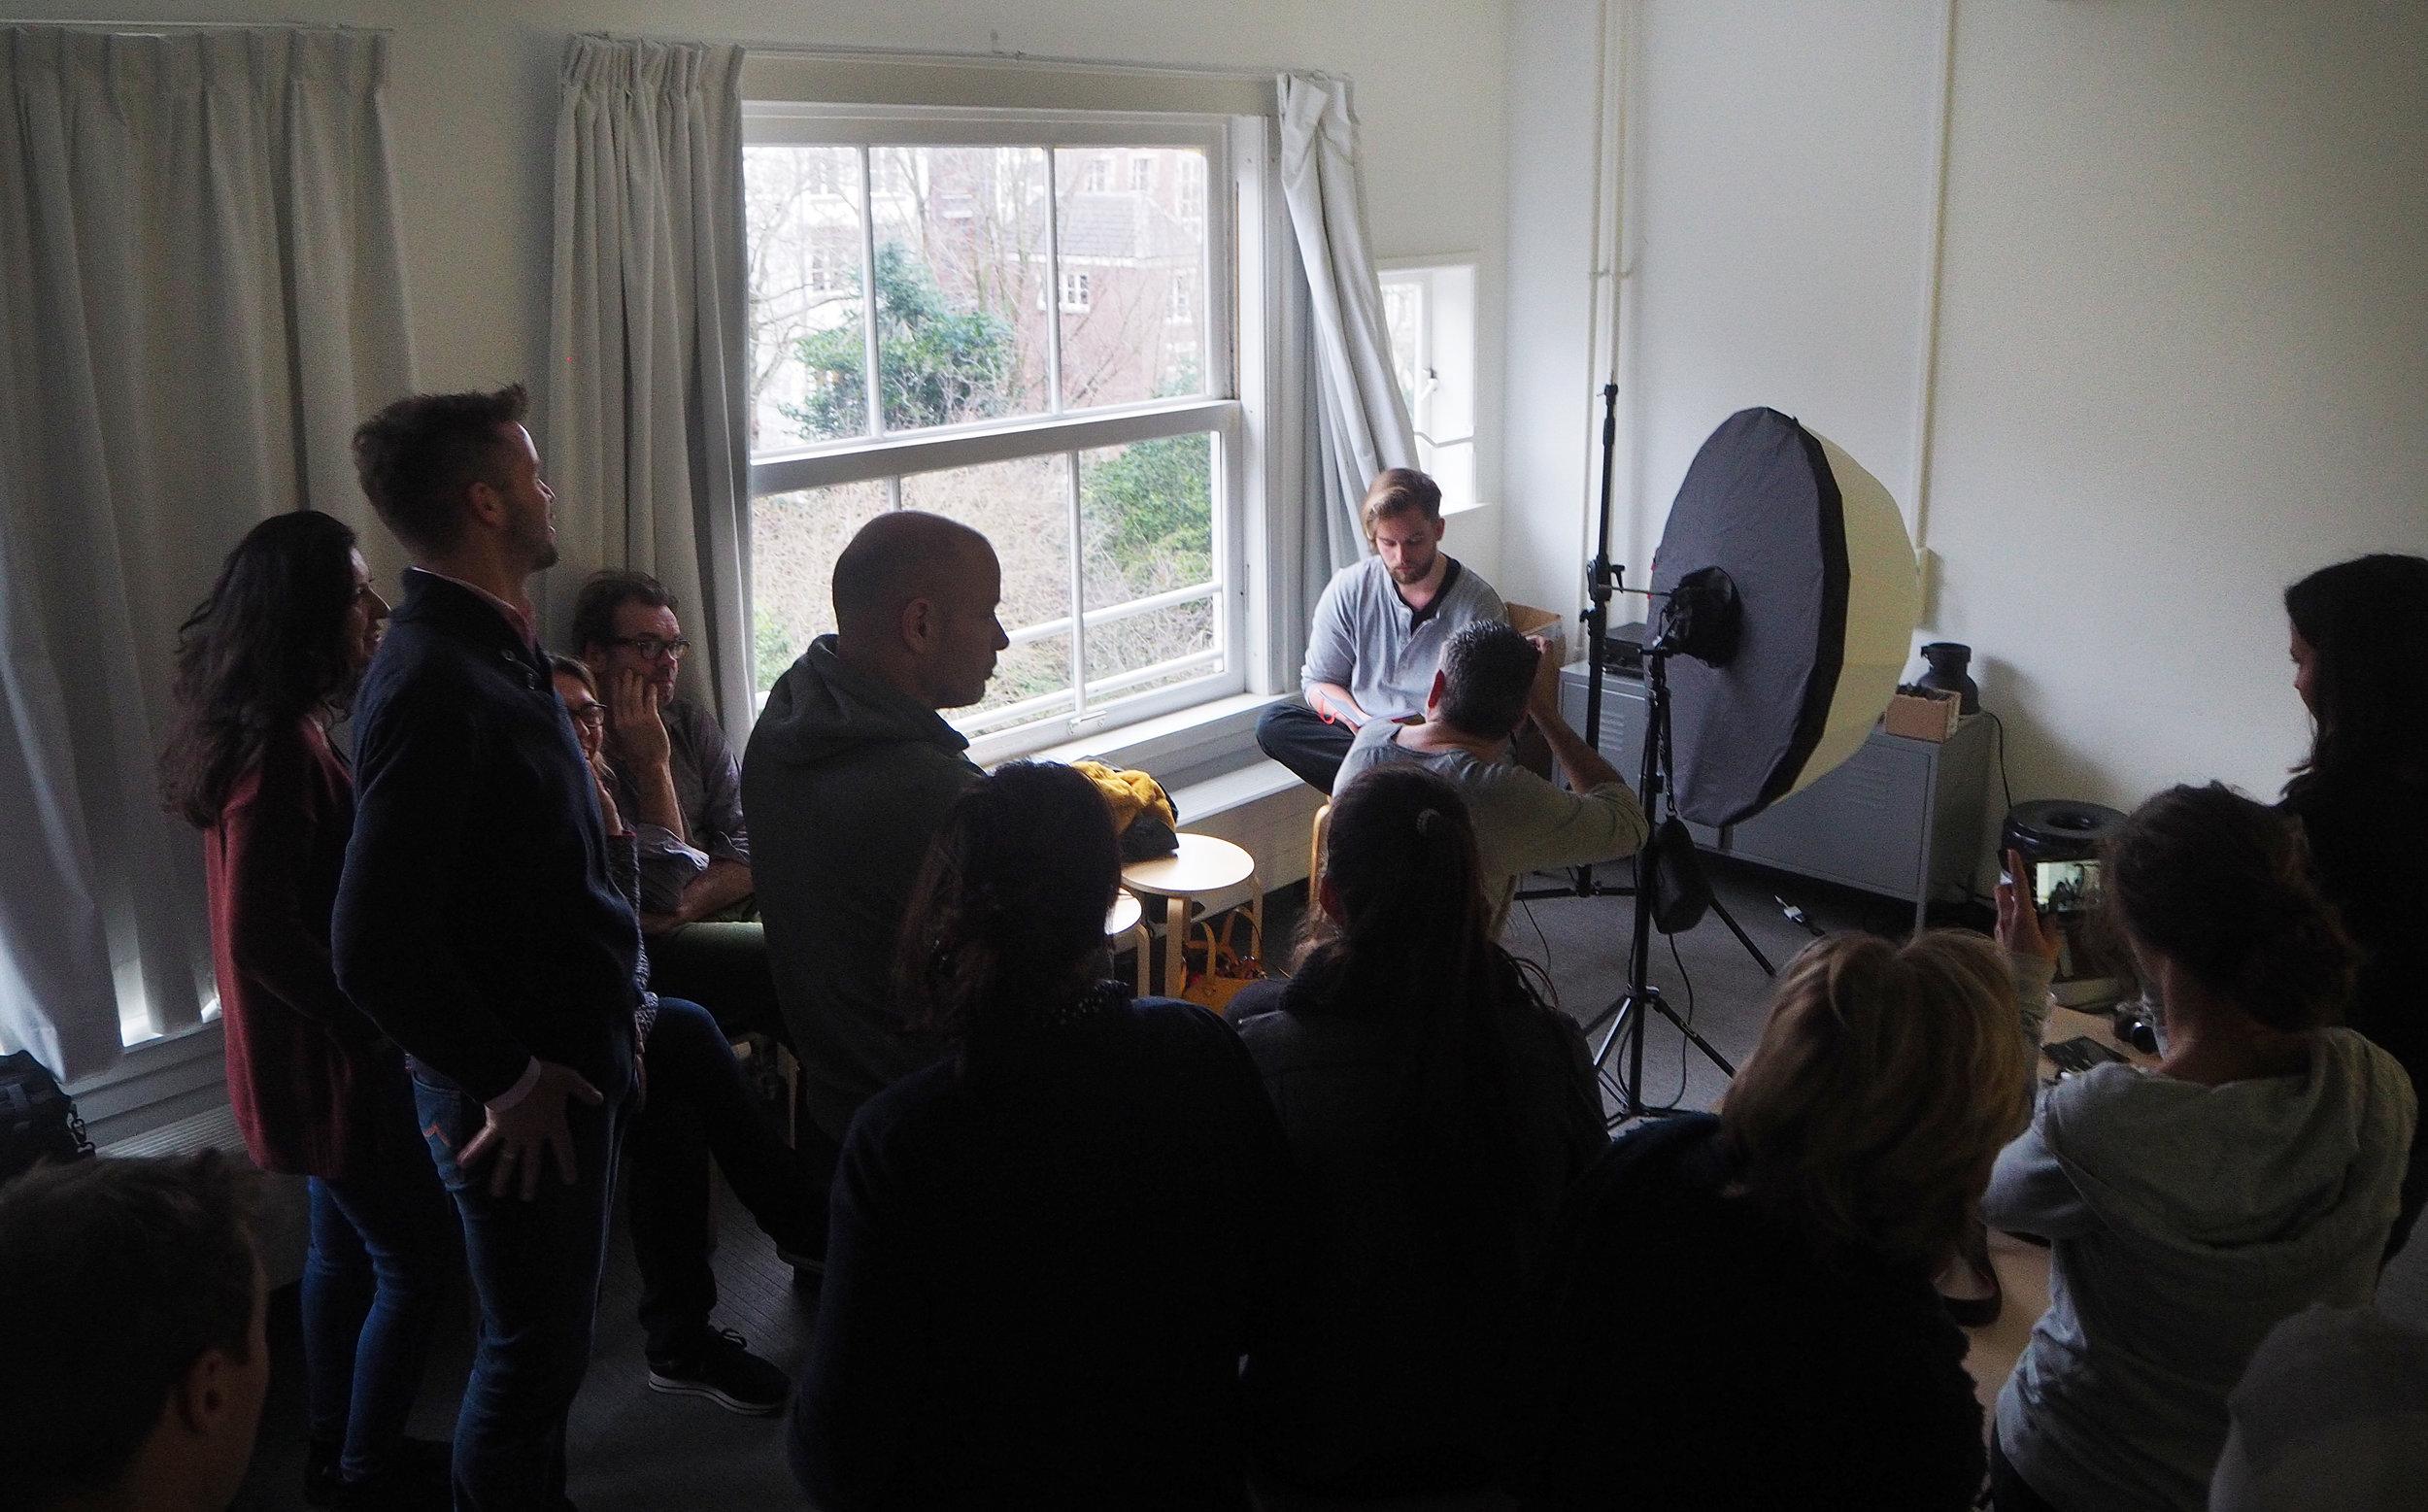 Werken met de Translucent Umbrelle met backpanel tijdens een van de masterclasses van Brendan voor fotografiestudenten in Foam